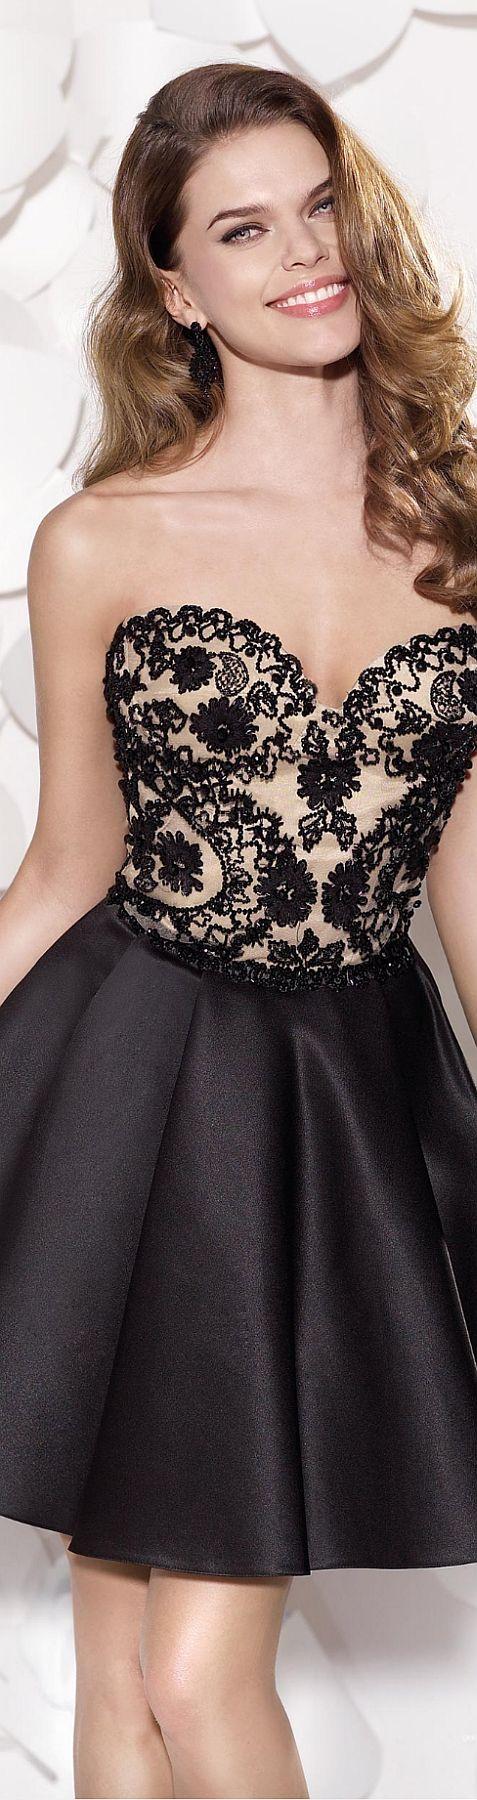 Alta costura Night noite gala festa fest vestido dress formatura casamento pretinho preto Black luxo lux fashion fashionista moda curto